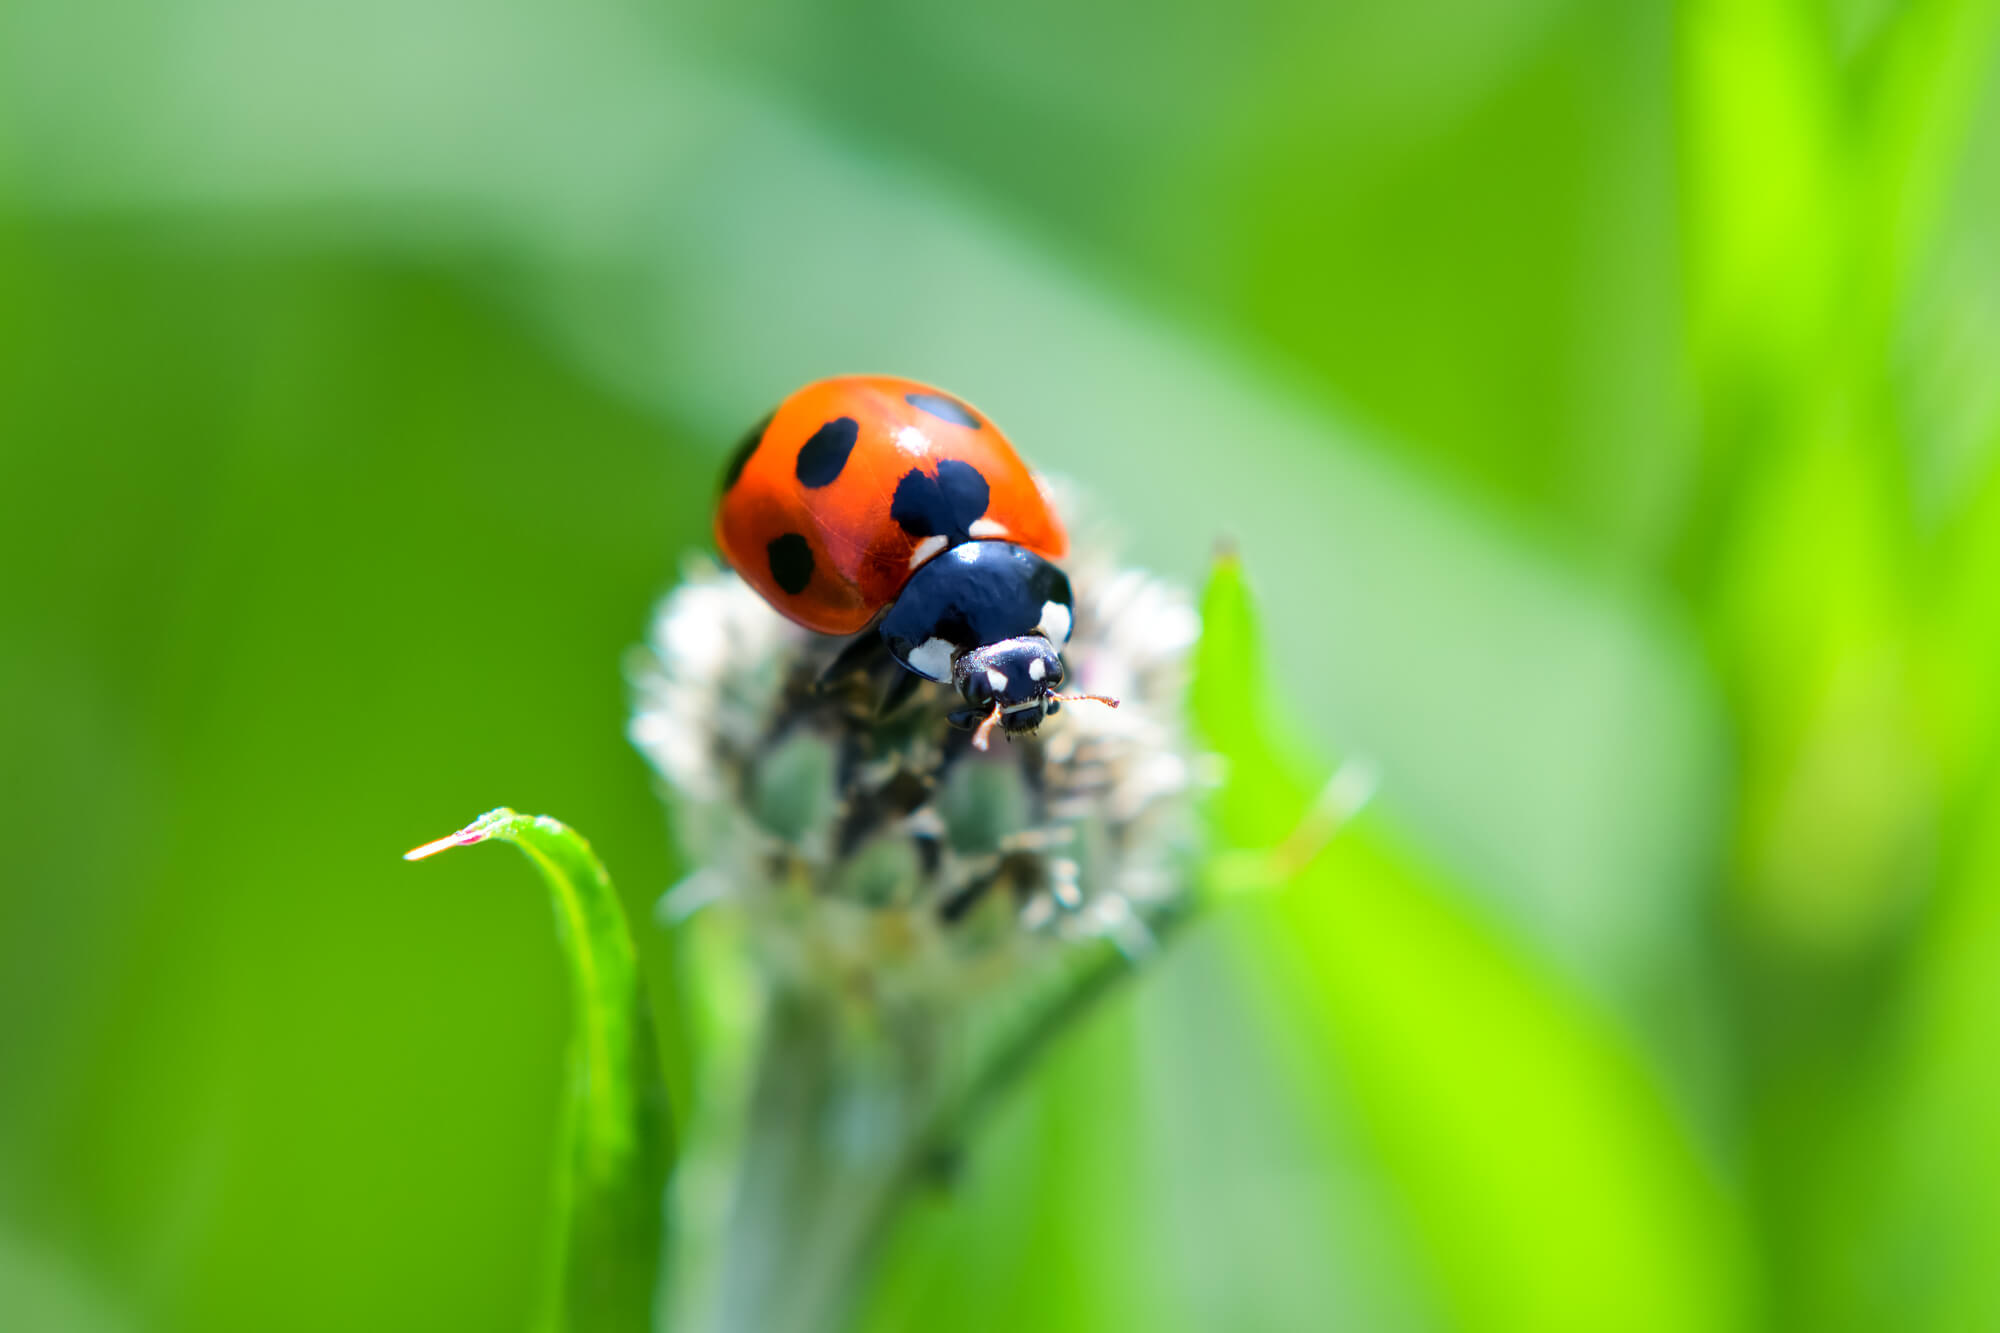 てんとう虫のスピリチュアルな意味は幸運のシンボル!